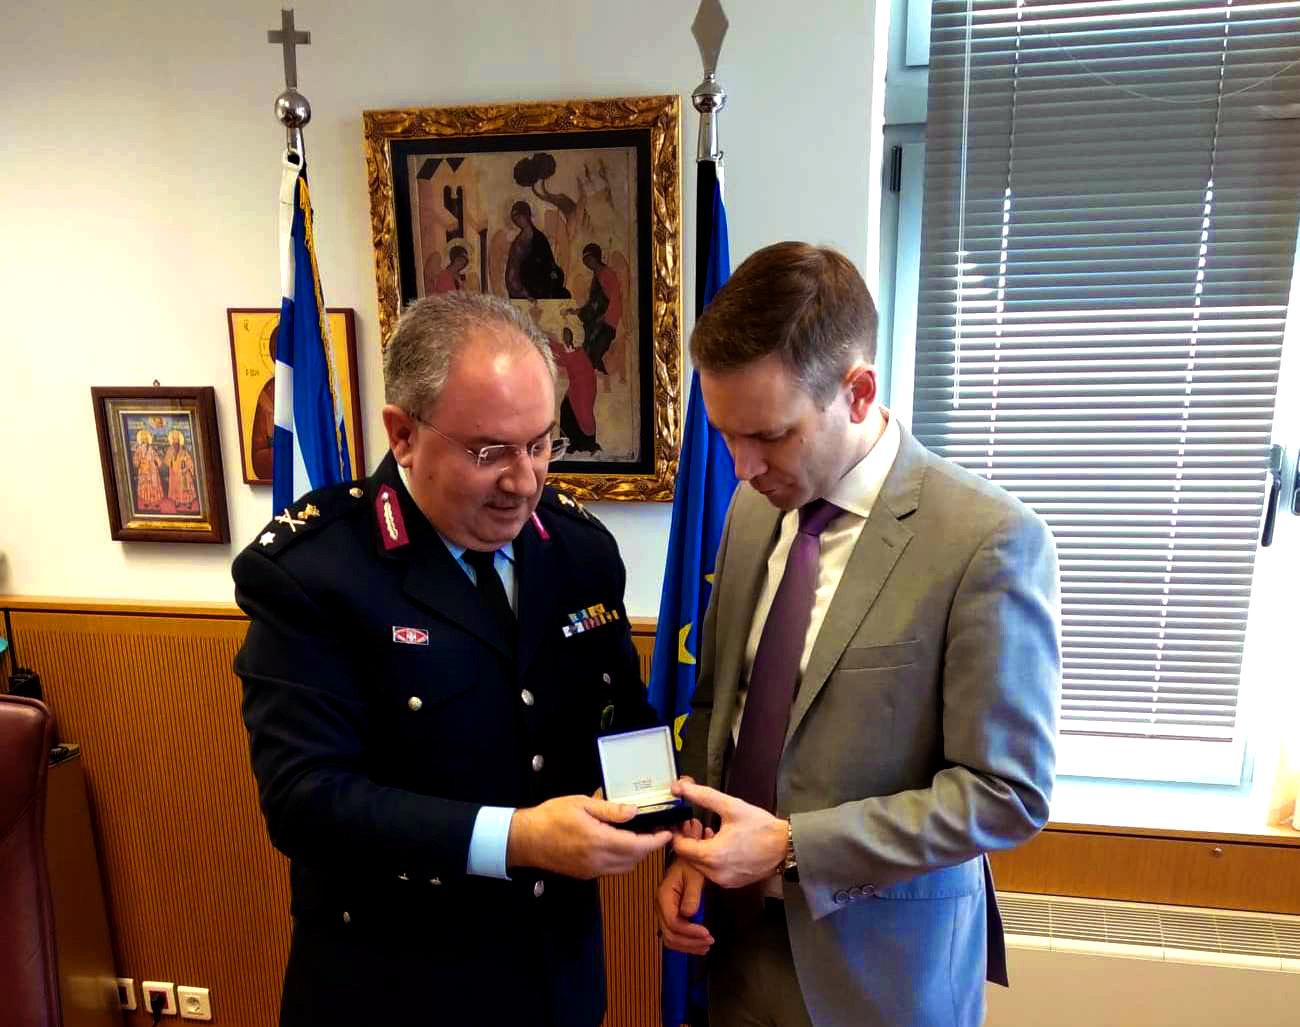 Επίσκεψη του Γενικού Πρόξενου των Η.Π.Α. στη Γενική Περιφερειακή Αστυνομική Διεύθυνση Θεσσαλίας